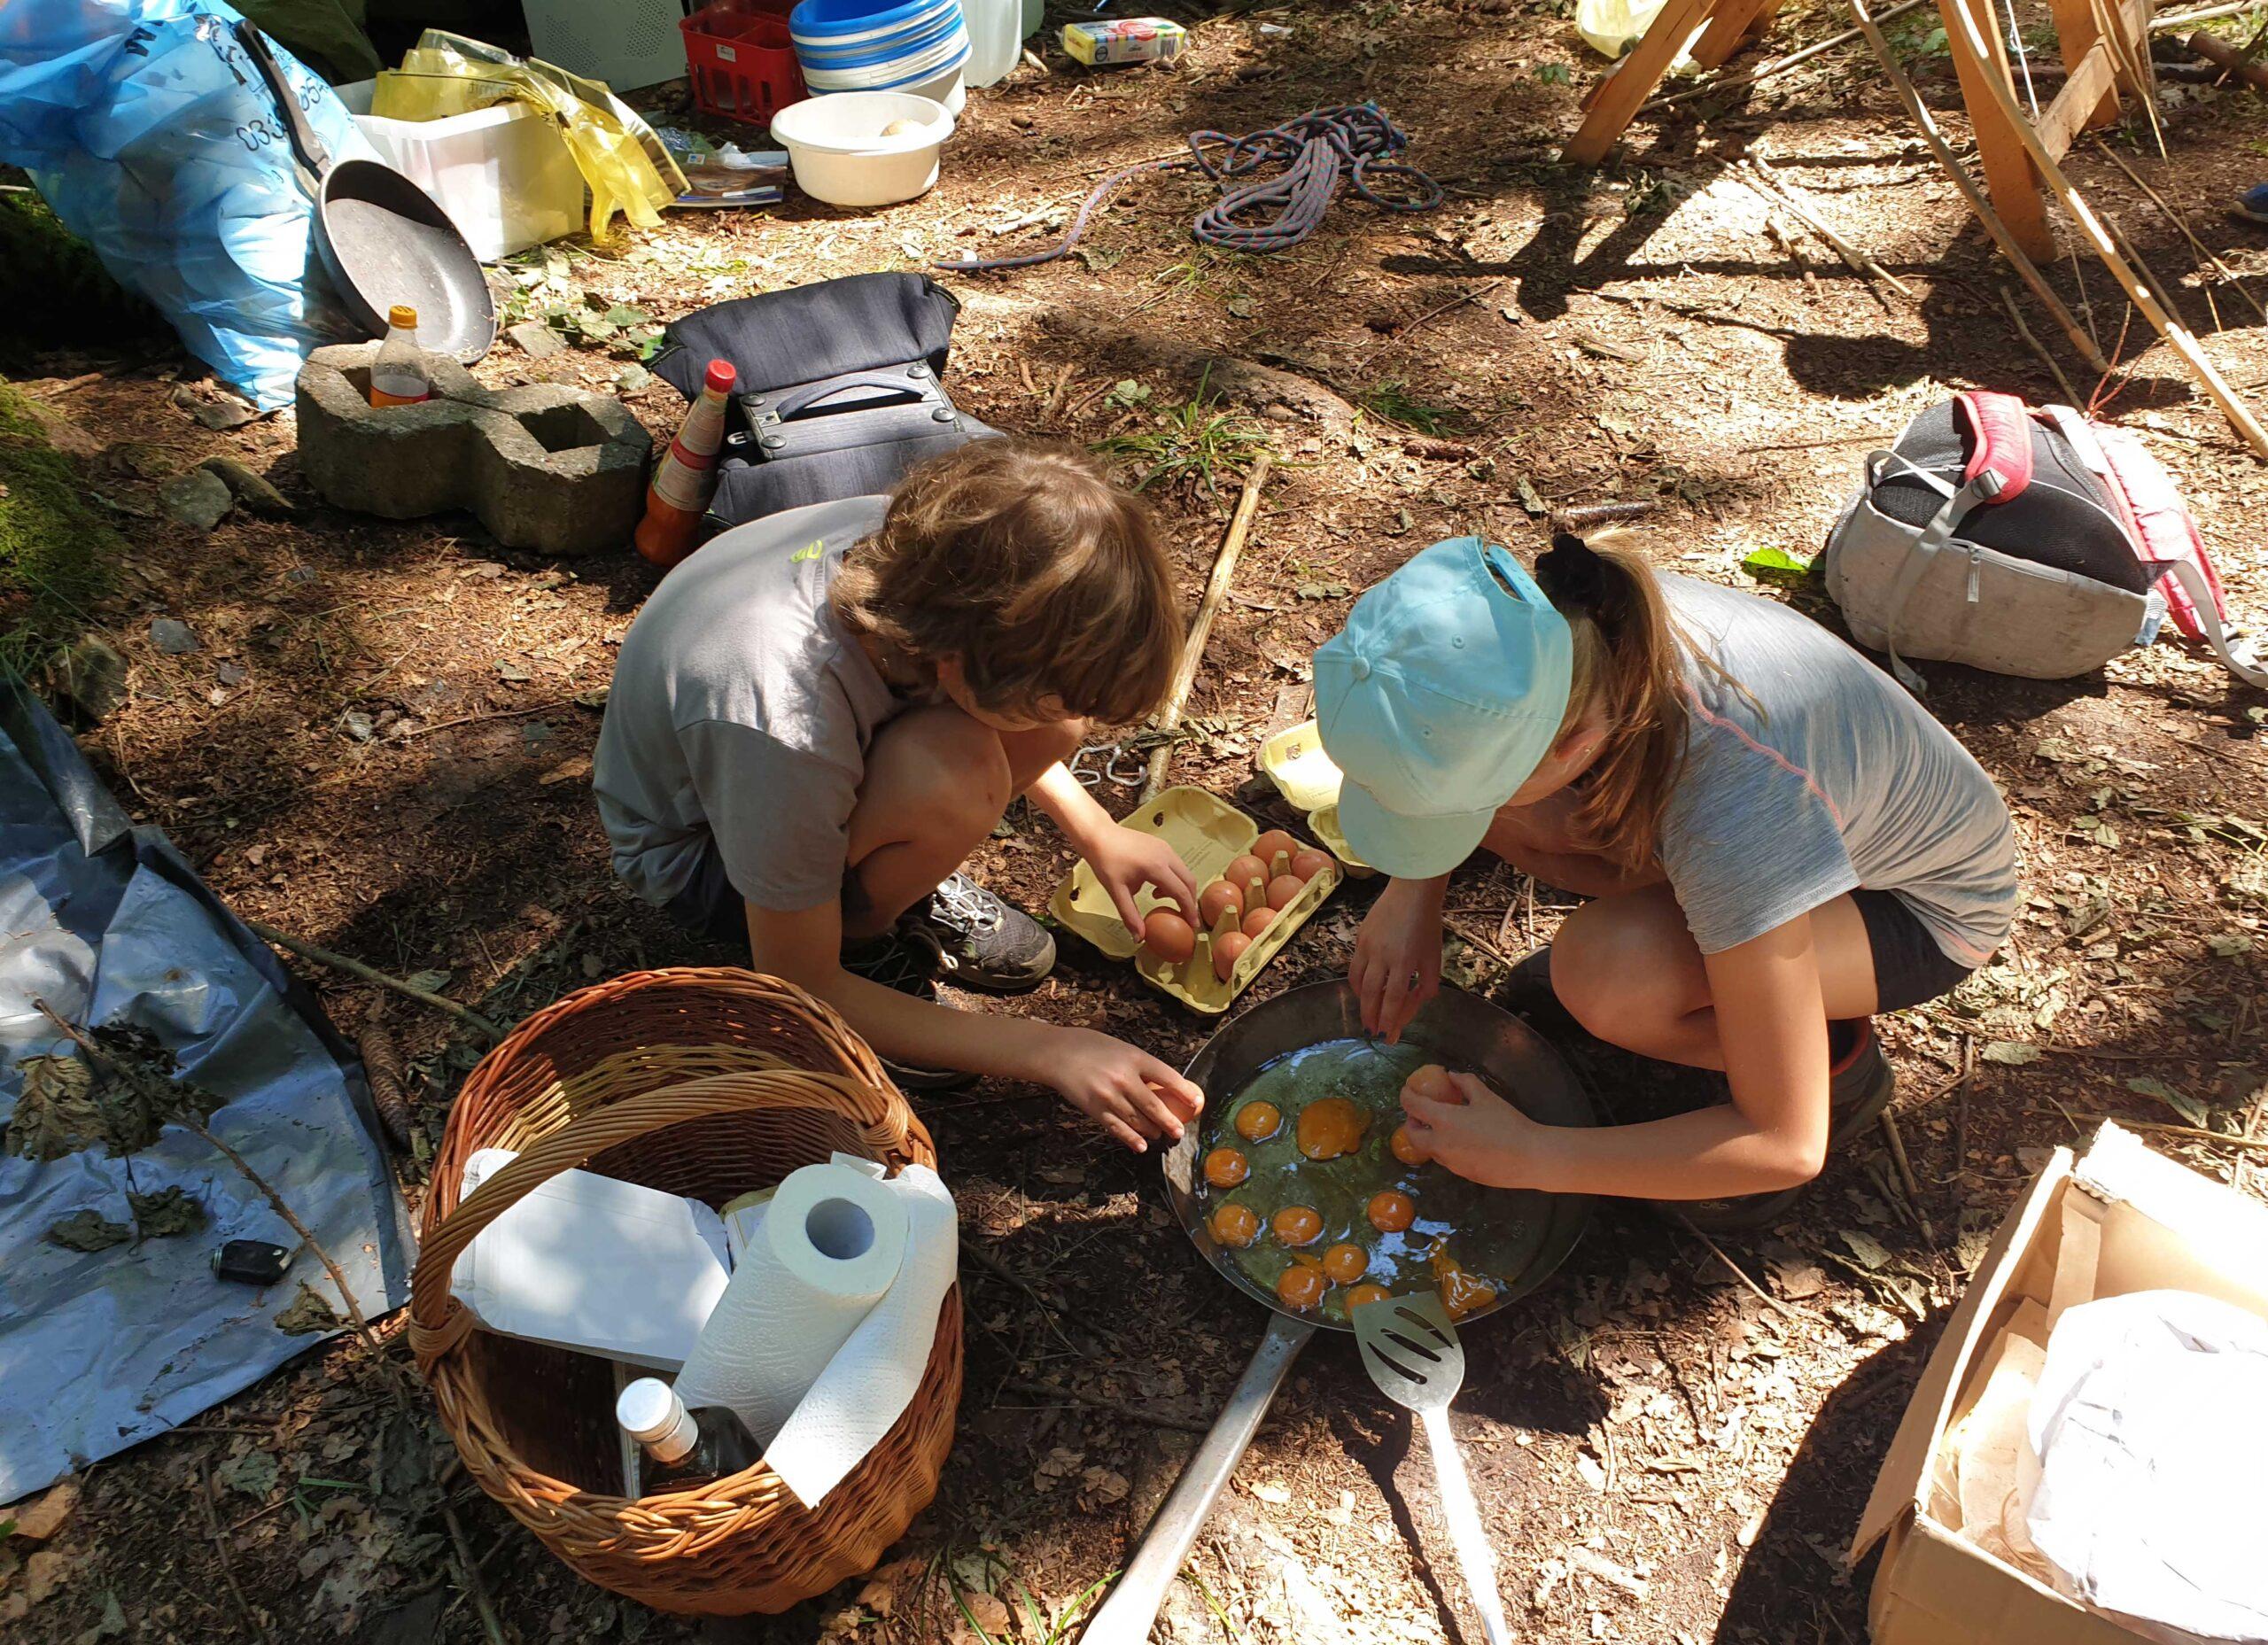 Dschungelcamp Kinder machen Essen am Oekopark